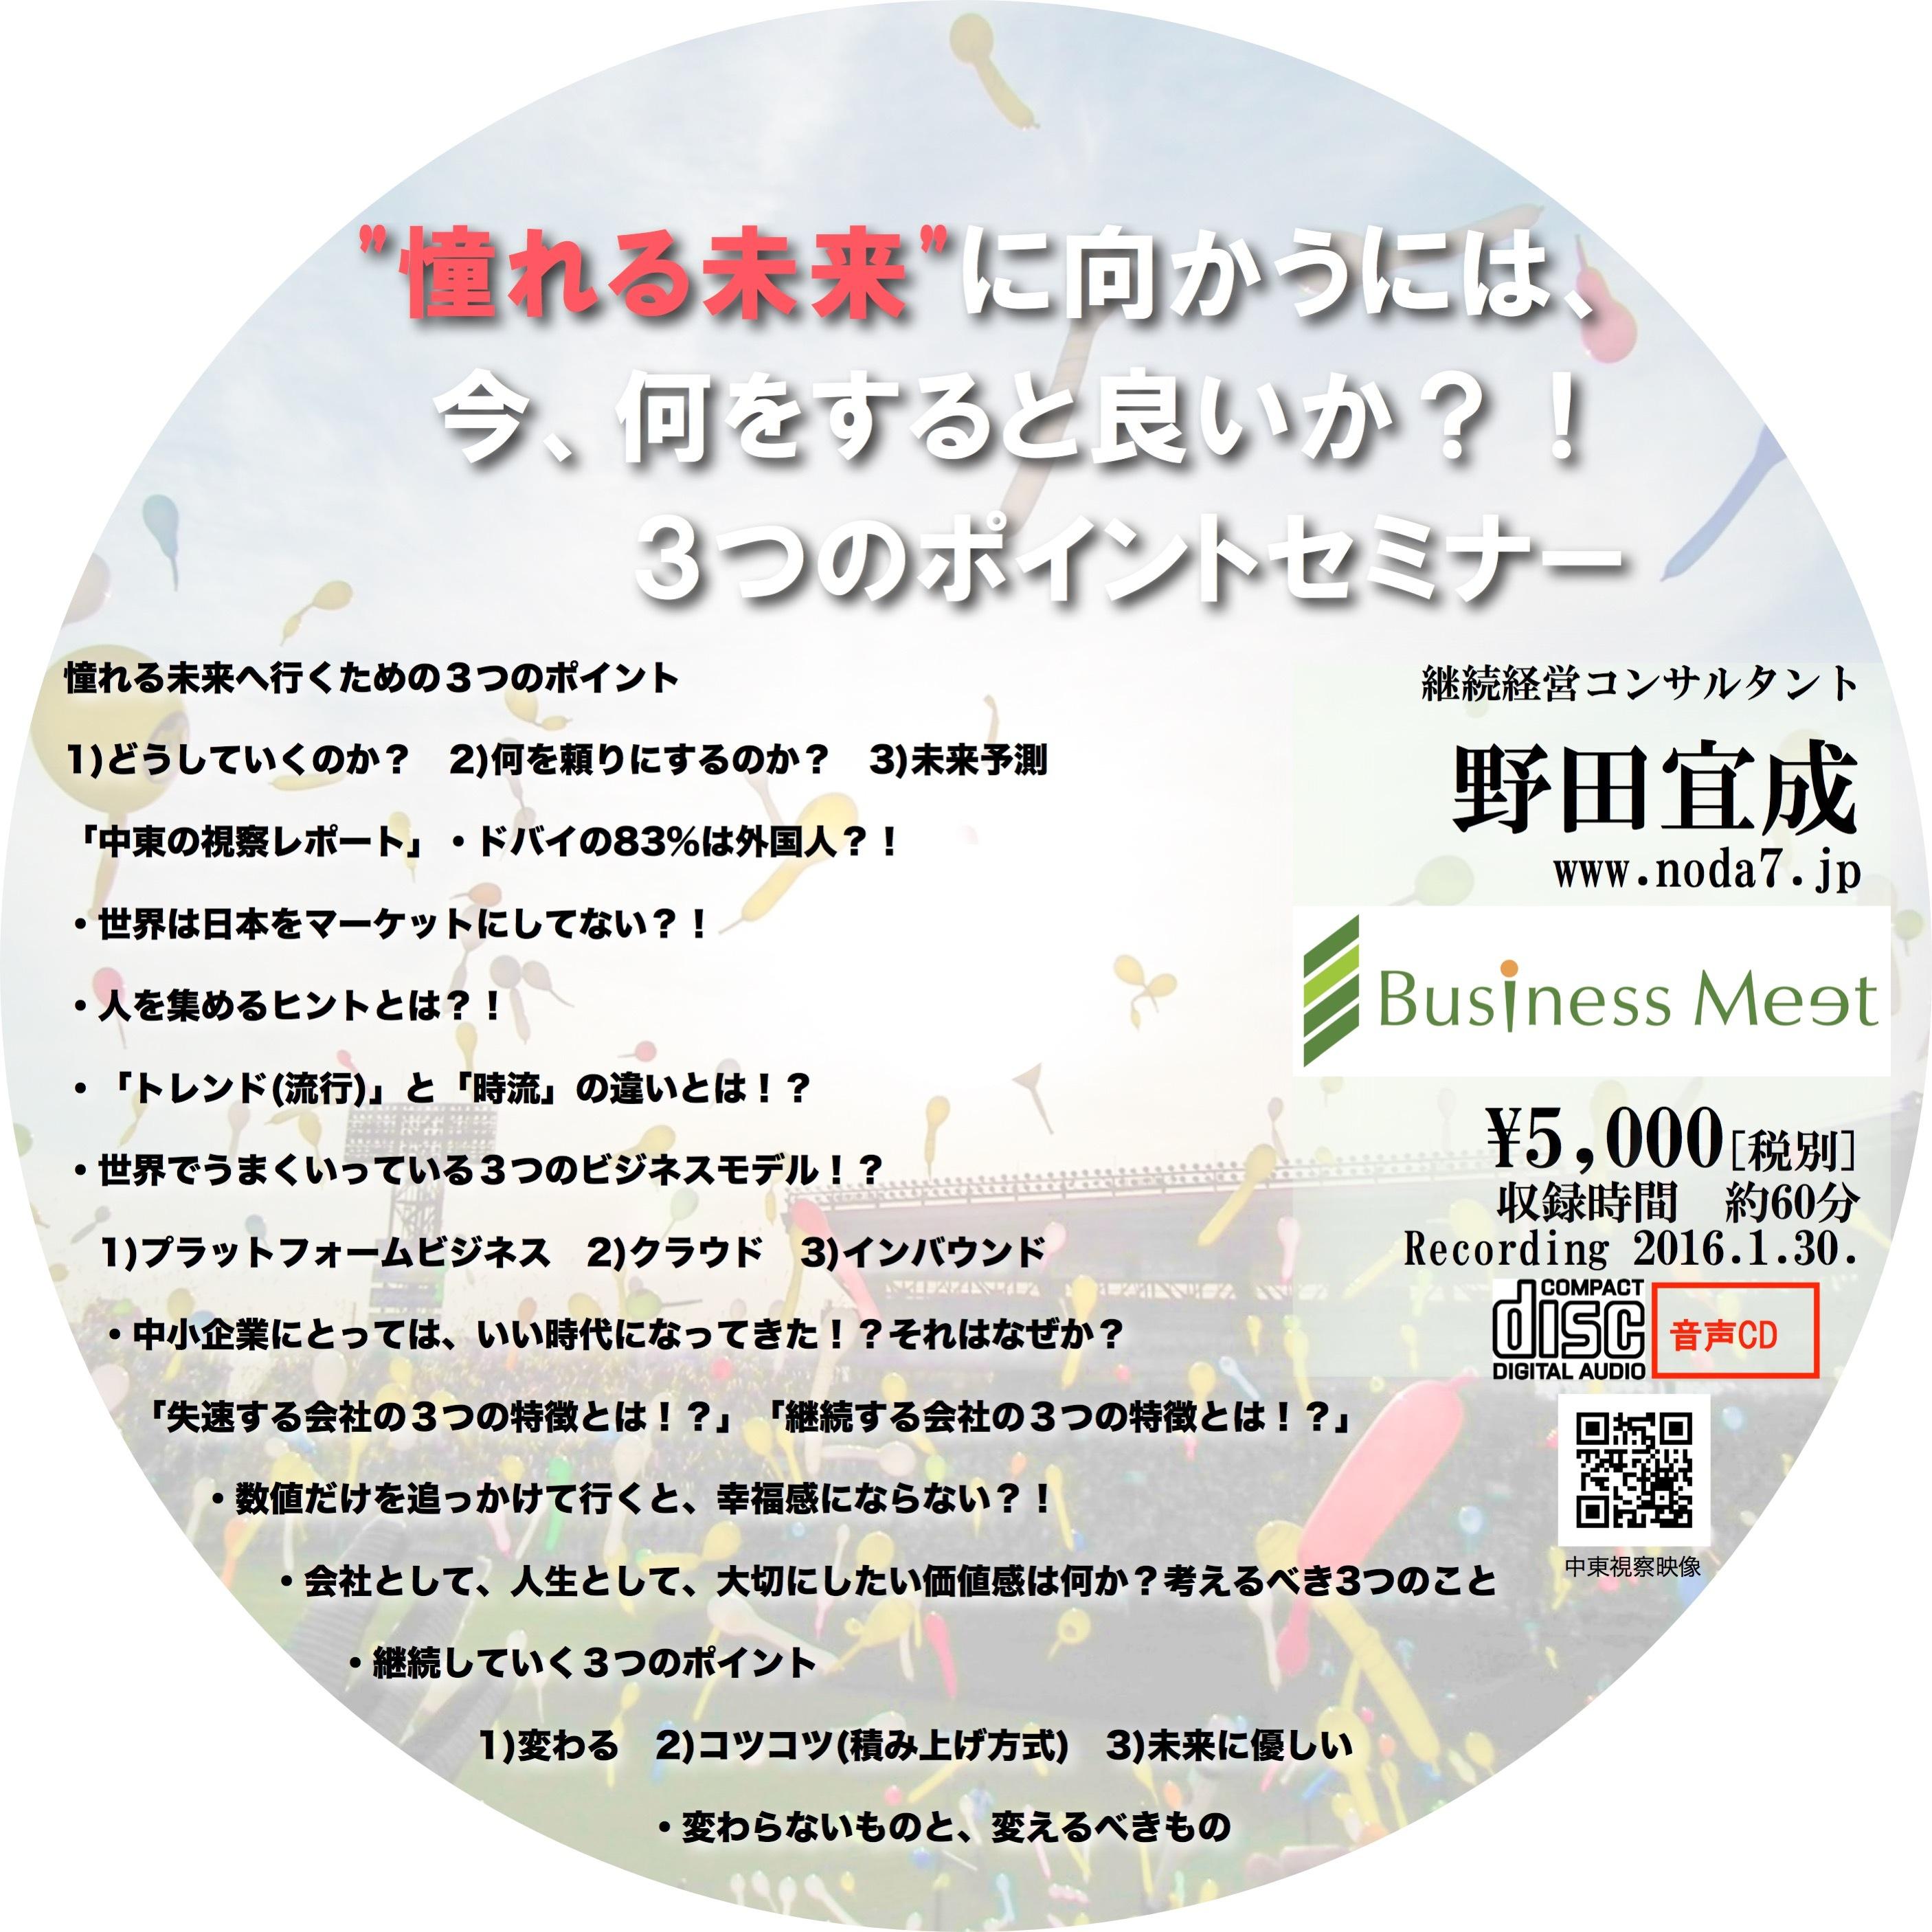 [CD]憧れる未来に向かうには、今、何をすると良いか!?3つのポイントセミナー